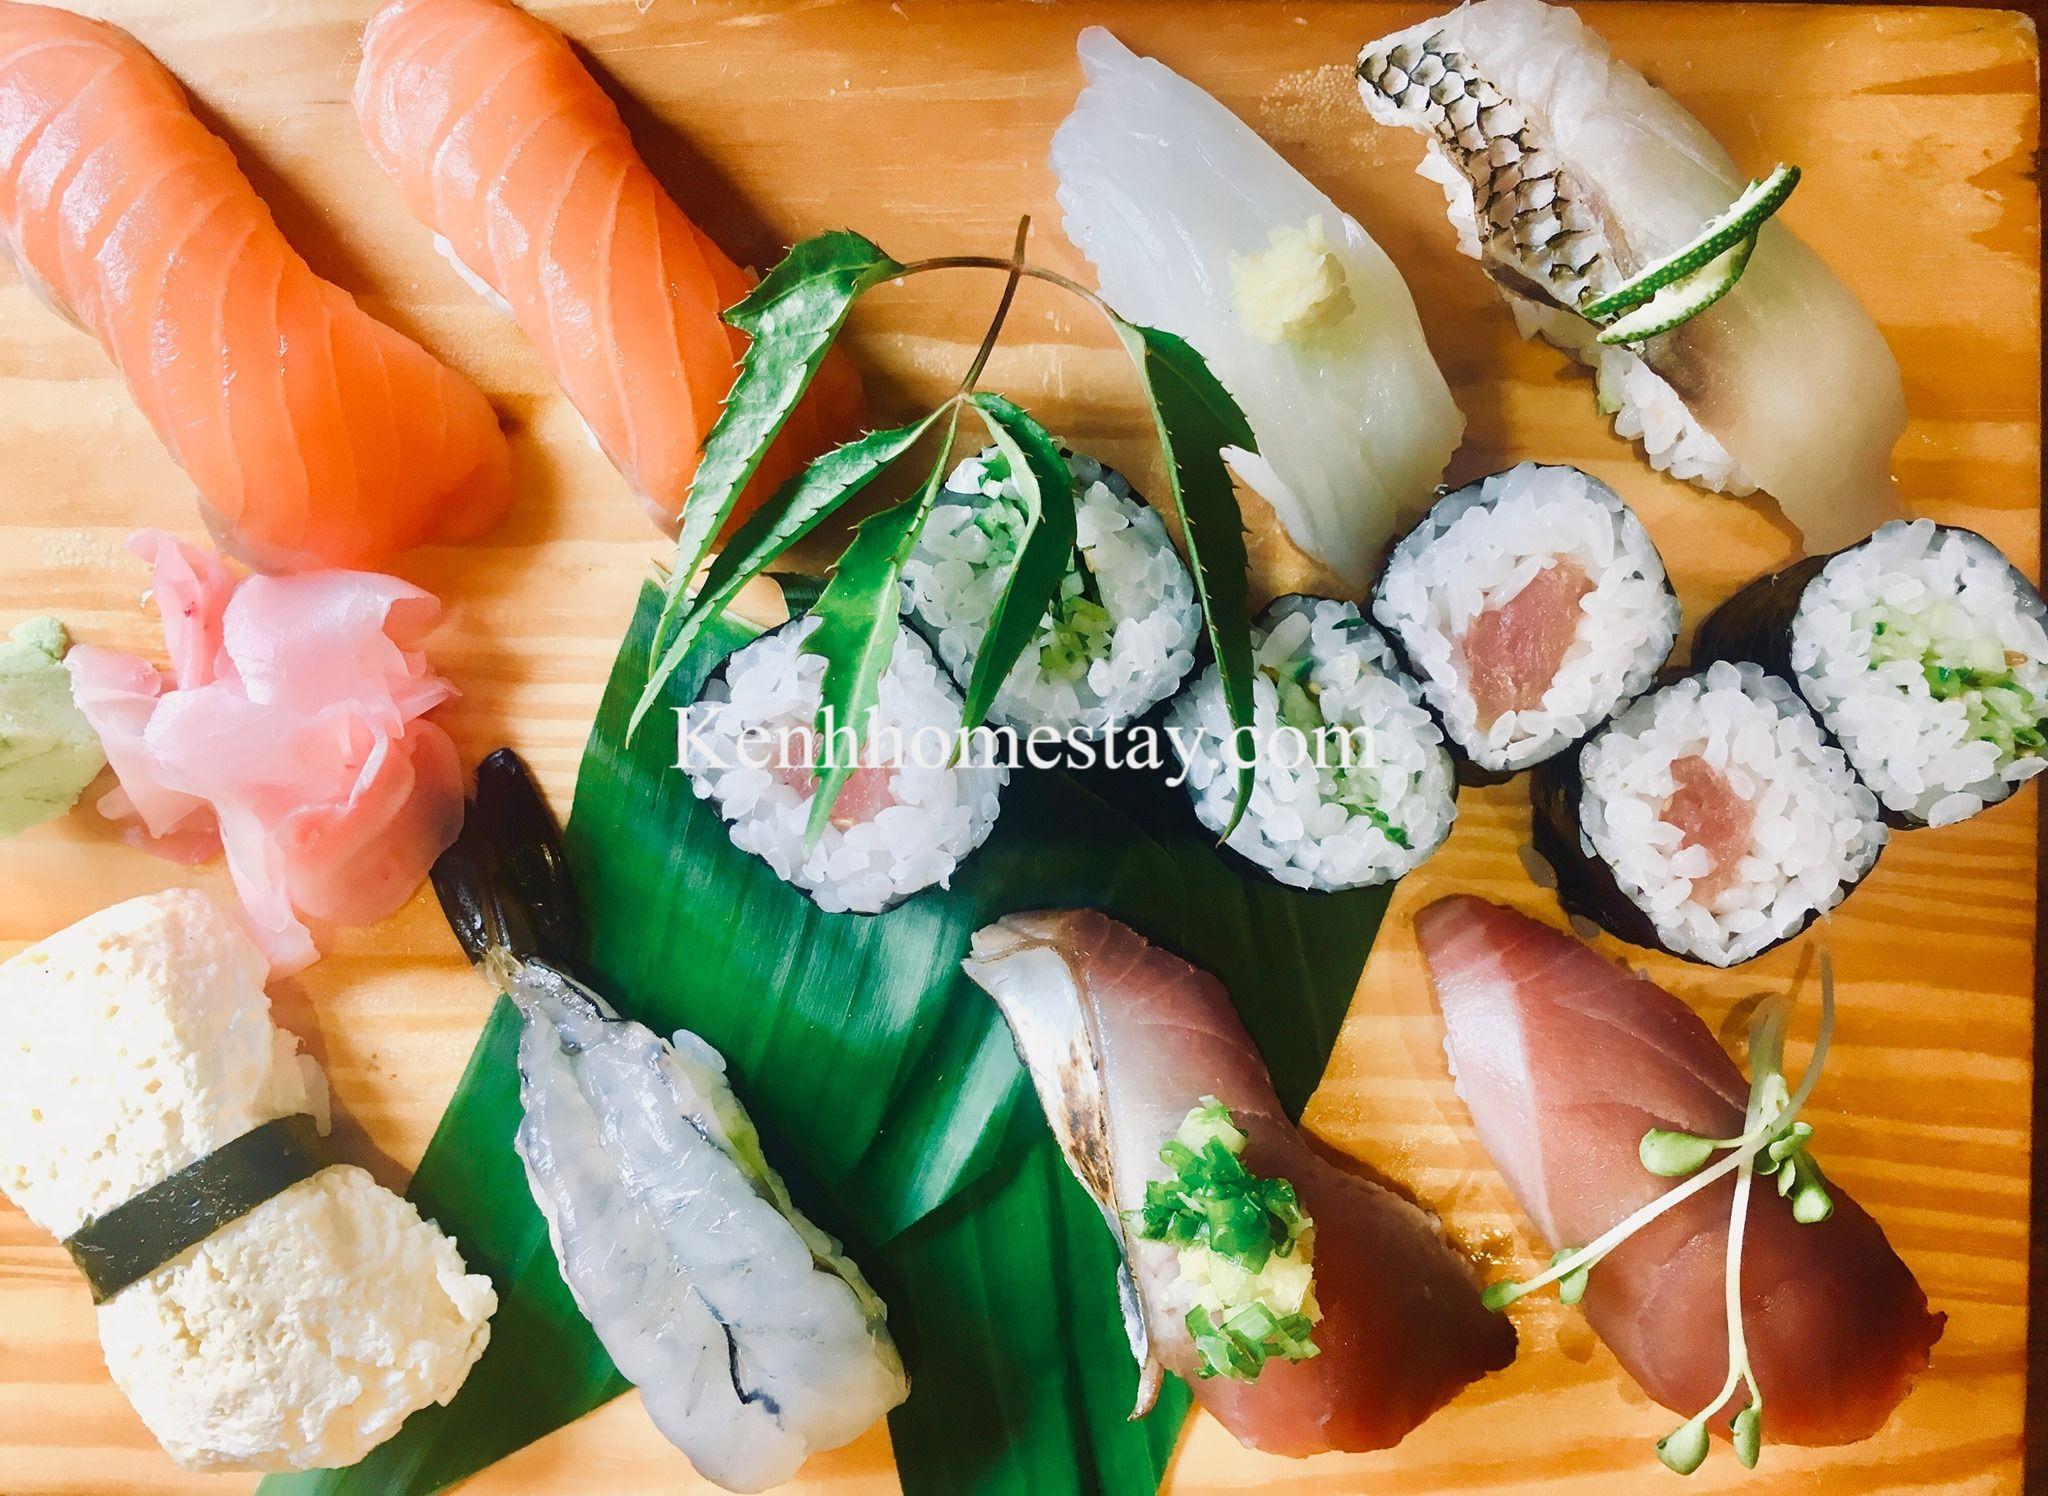 Top 10 Quán sushi Đà Nẵng giá rẻ chất lượng ngon nổi tiếng nhất